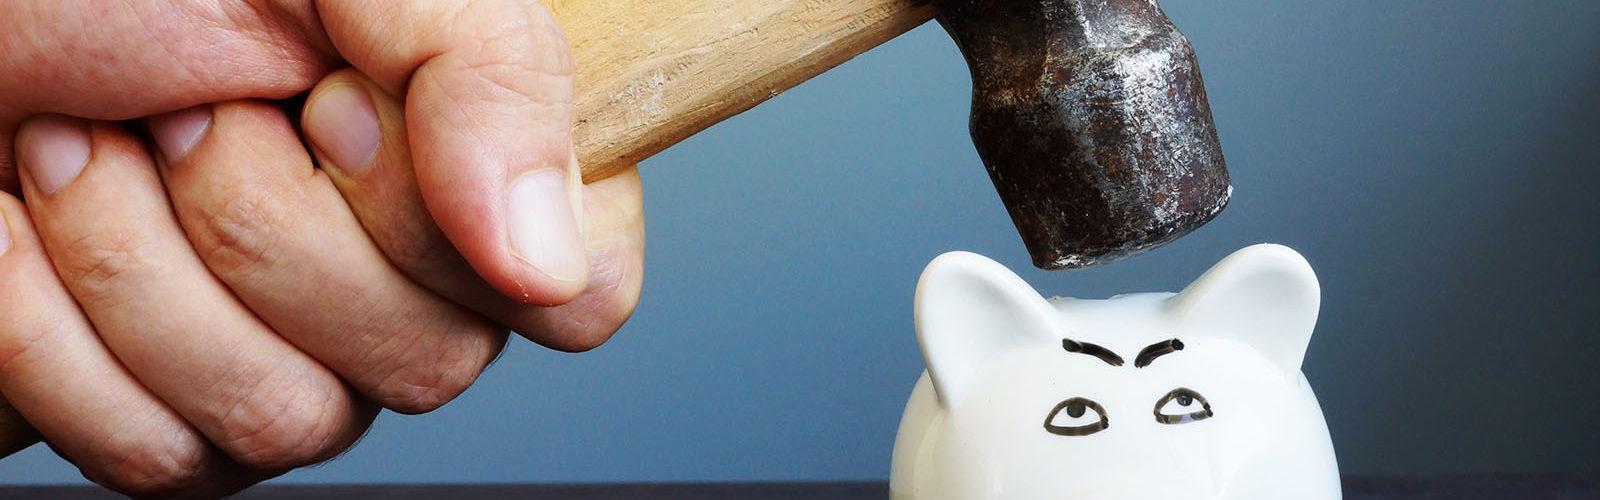 bigstock-Hand-With-Hammer-Above-A-Piggy-255361390_web.jpg